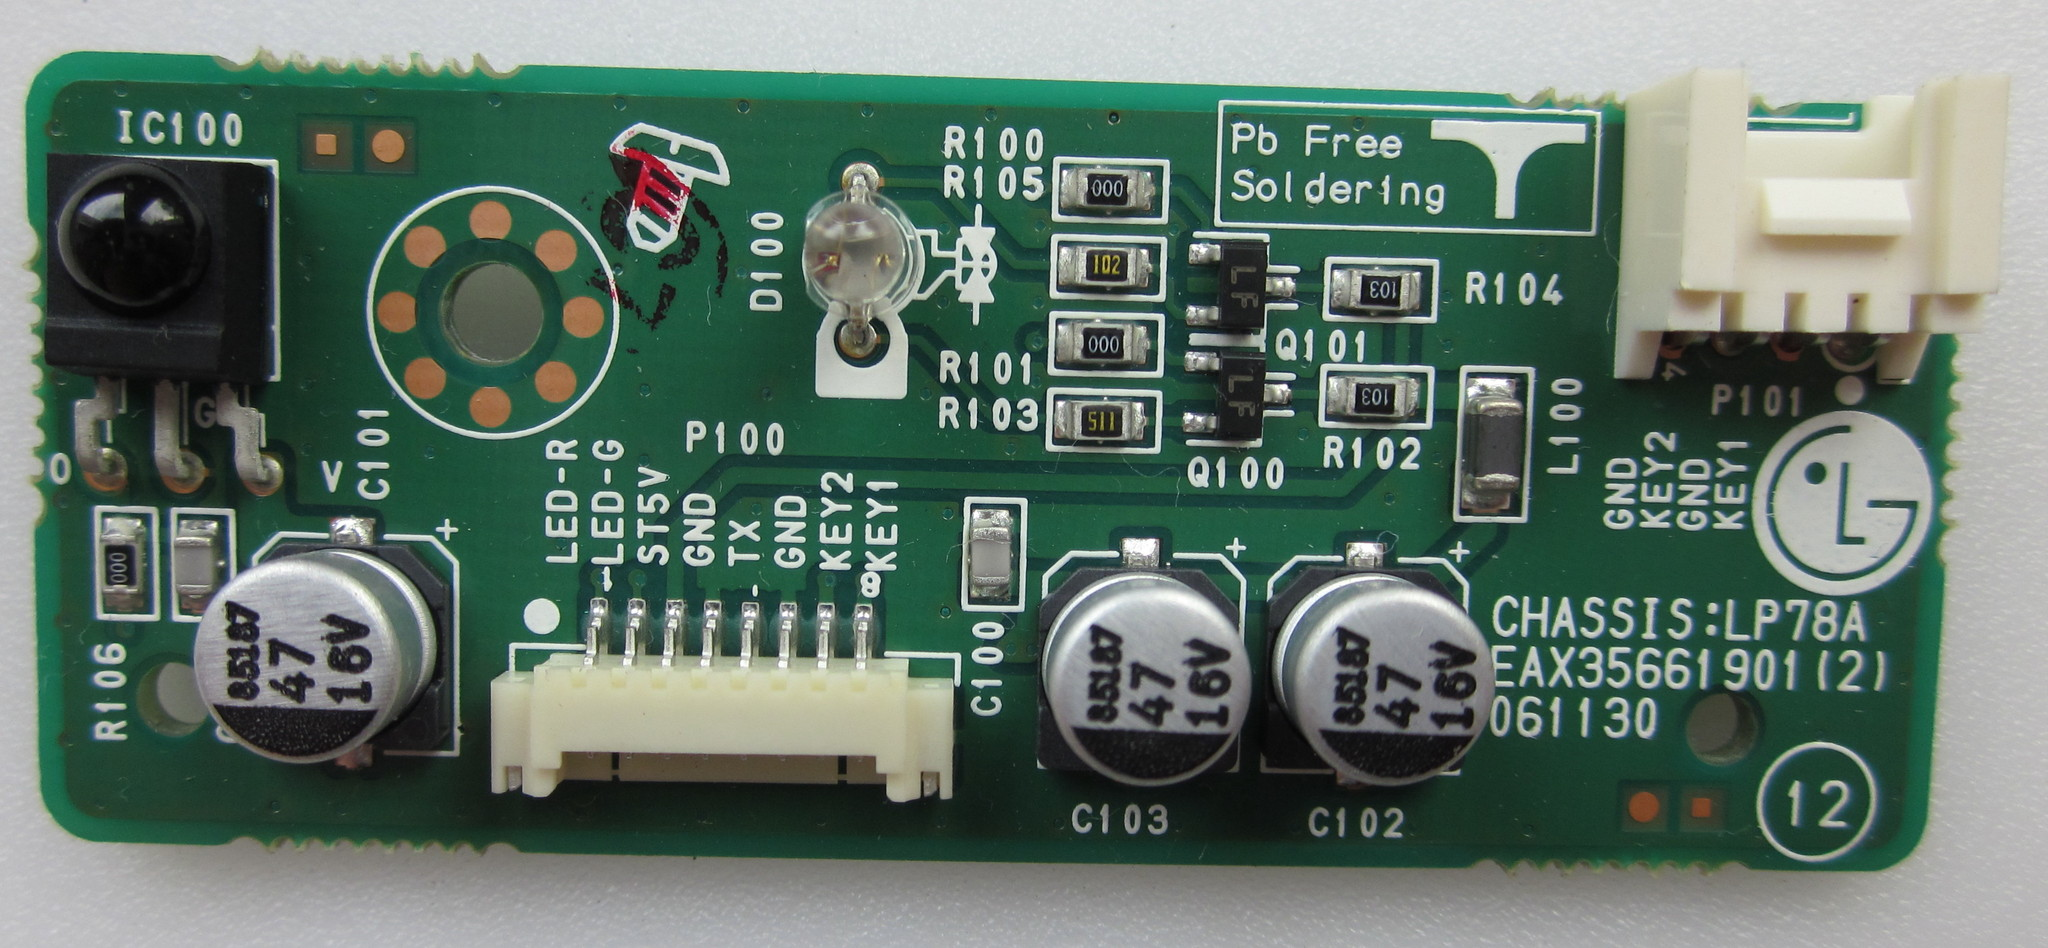 EAX35661901(2)